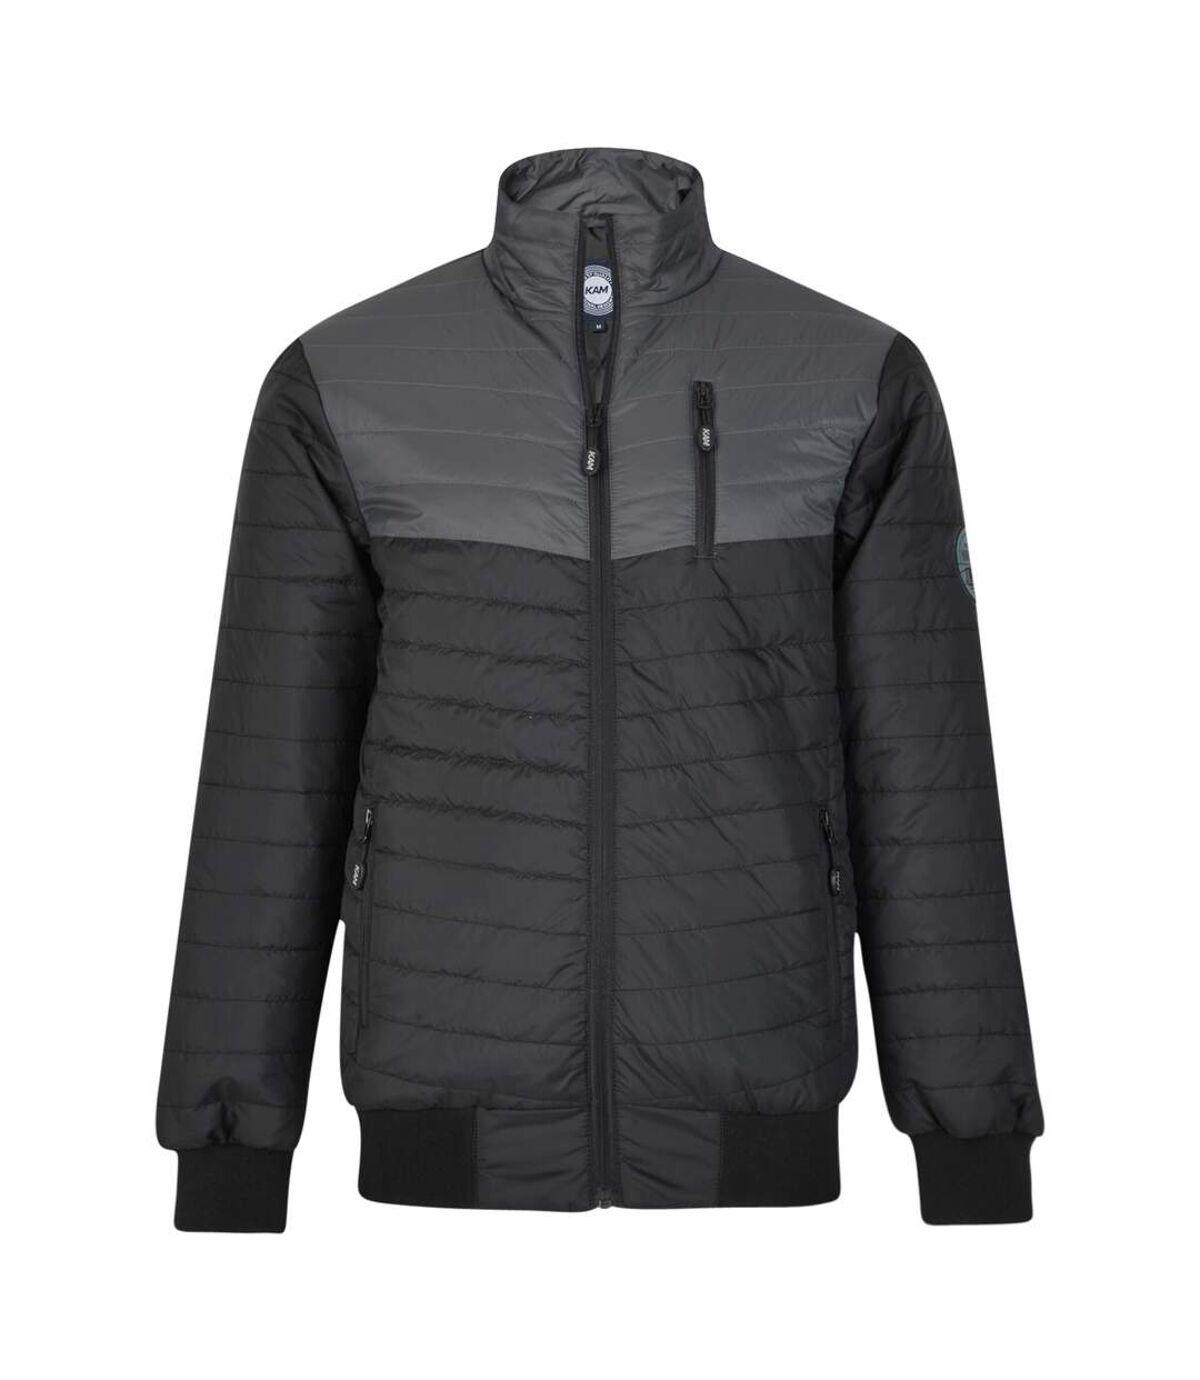 Kam Jeanswear Mens Contrast Chevron Jacket (Black/Grey) - UTKJ186